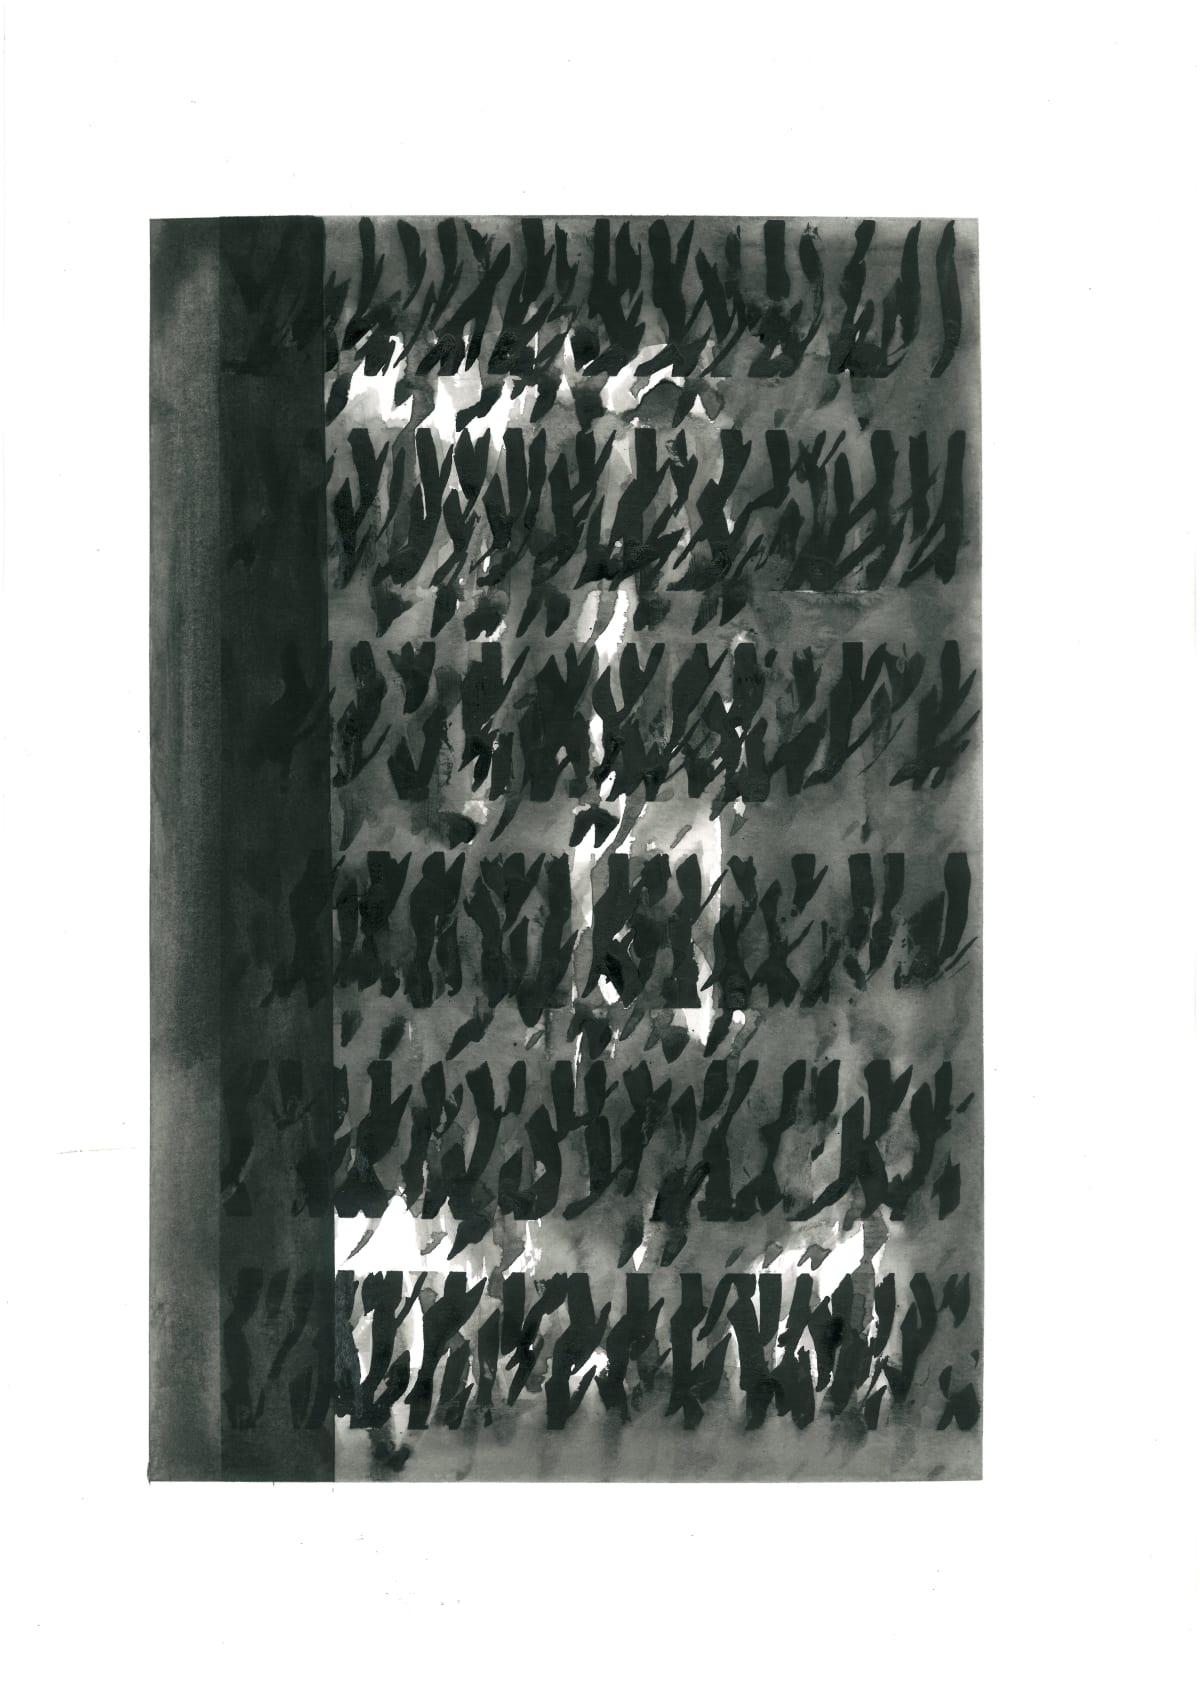 Mohammad Ali Talpur Untitled (Alif Series, 7), 2020 Ink on paper 42 x 29 cm 16 1/2 x 11 7/16 in